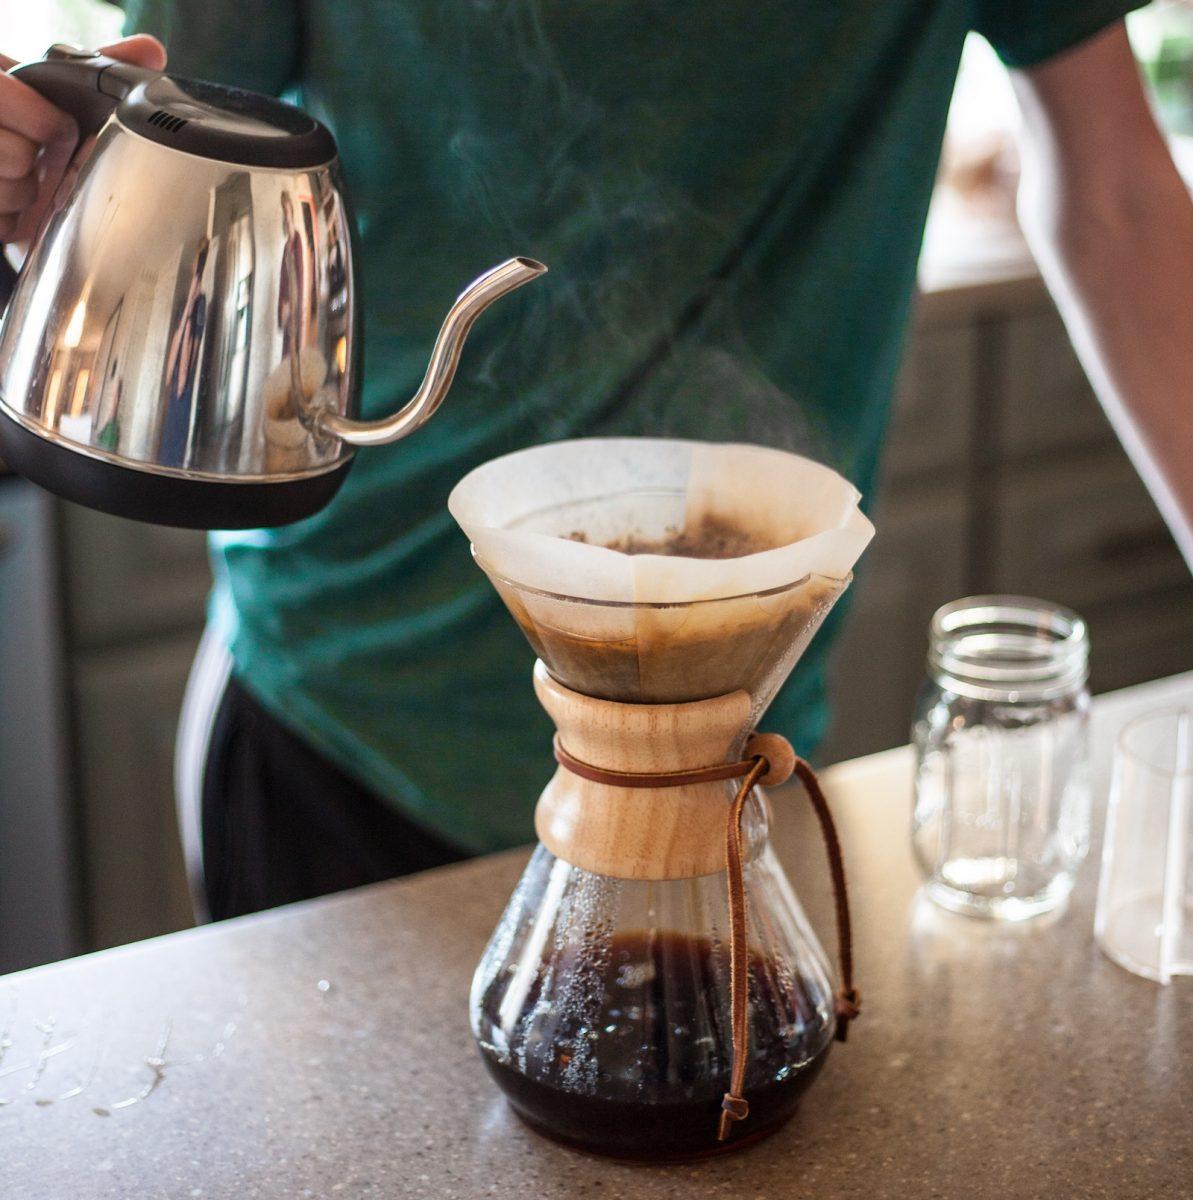 Kaffee nicht mit kochendem Wasser zubereiten